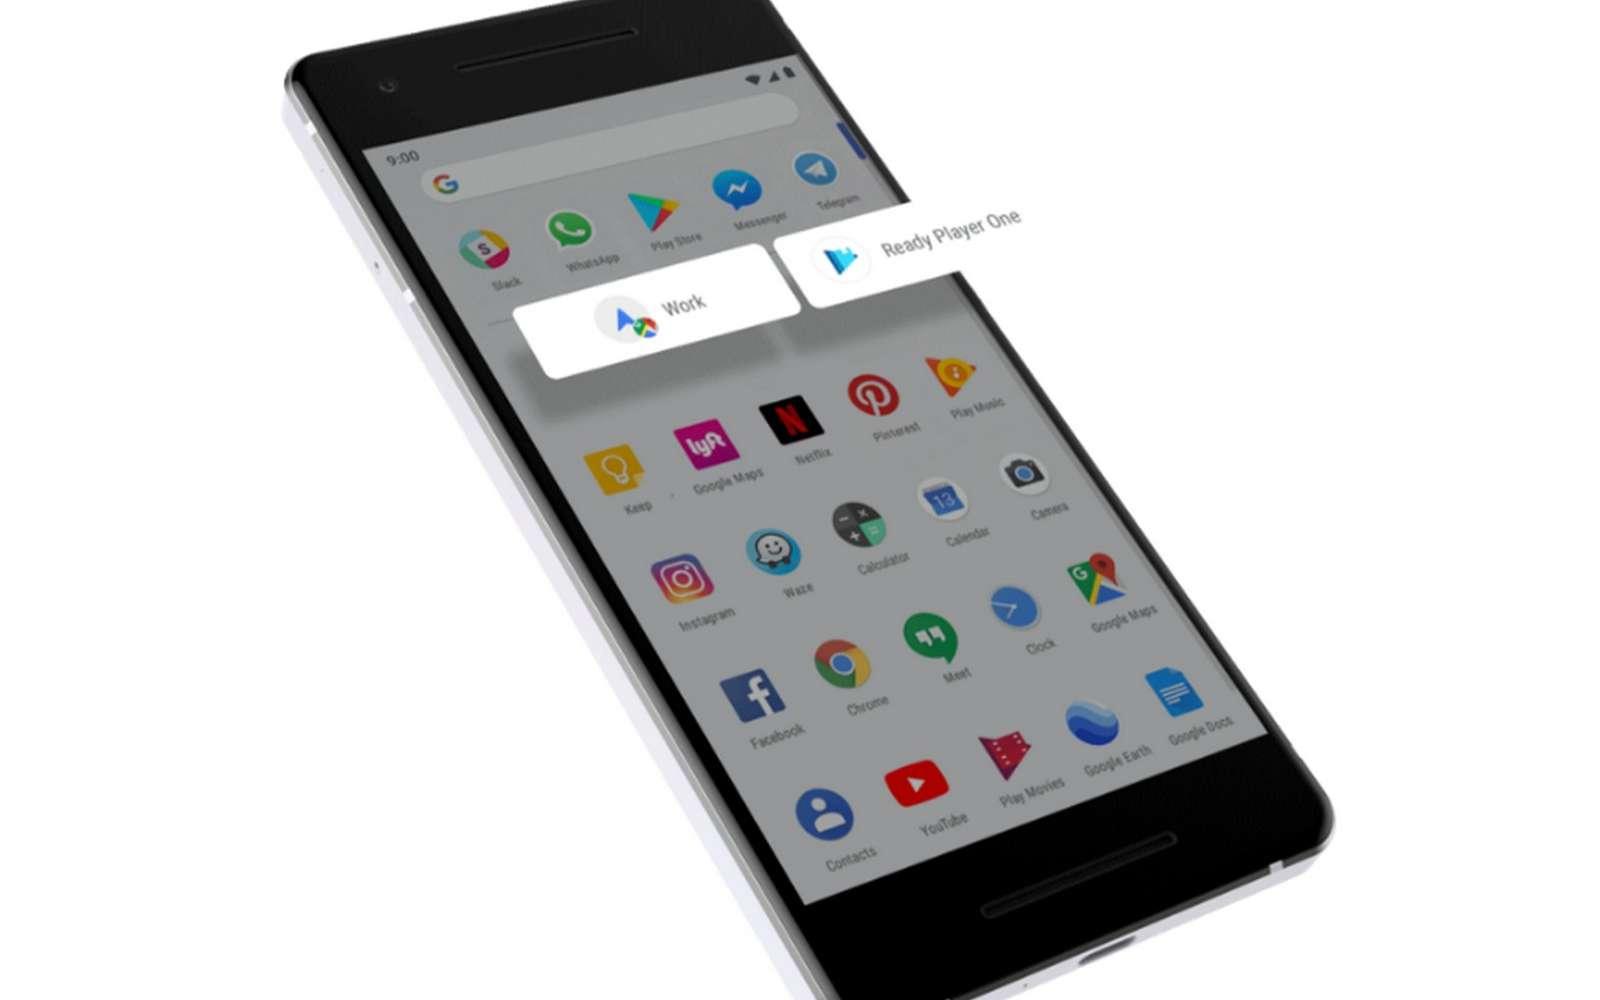 Android 9 Pie s'adapte aux habitudes des usagers. © Google